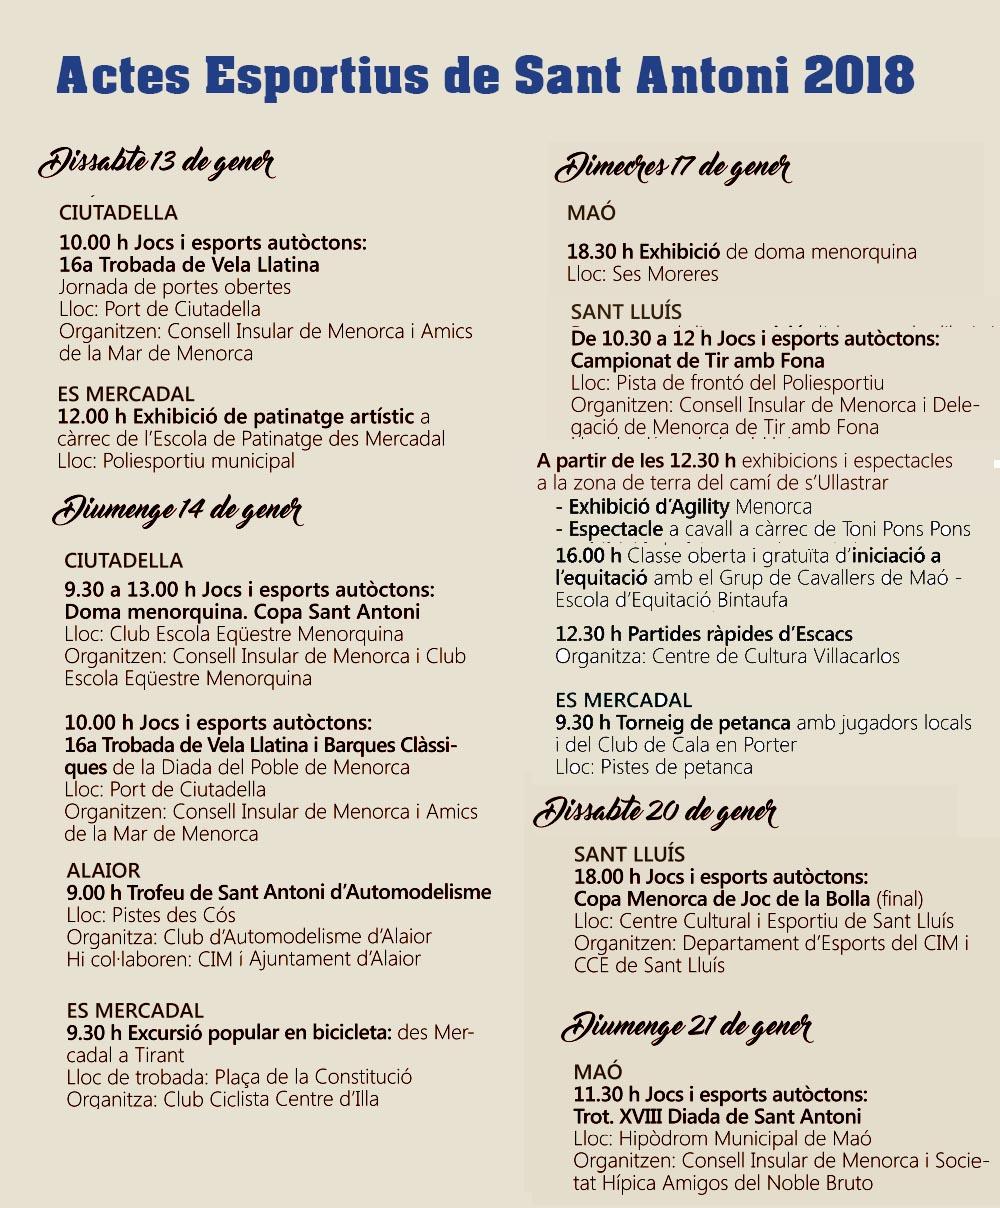 Sant Antoni-Actes esportius